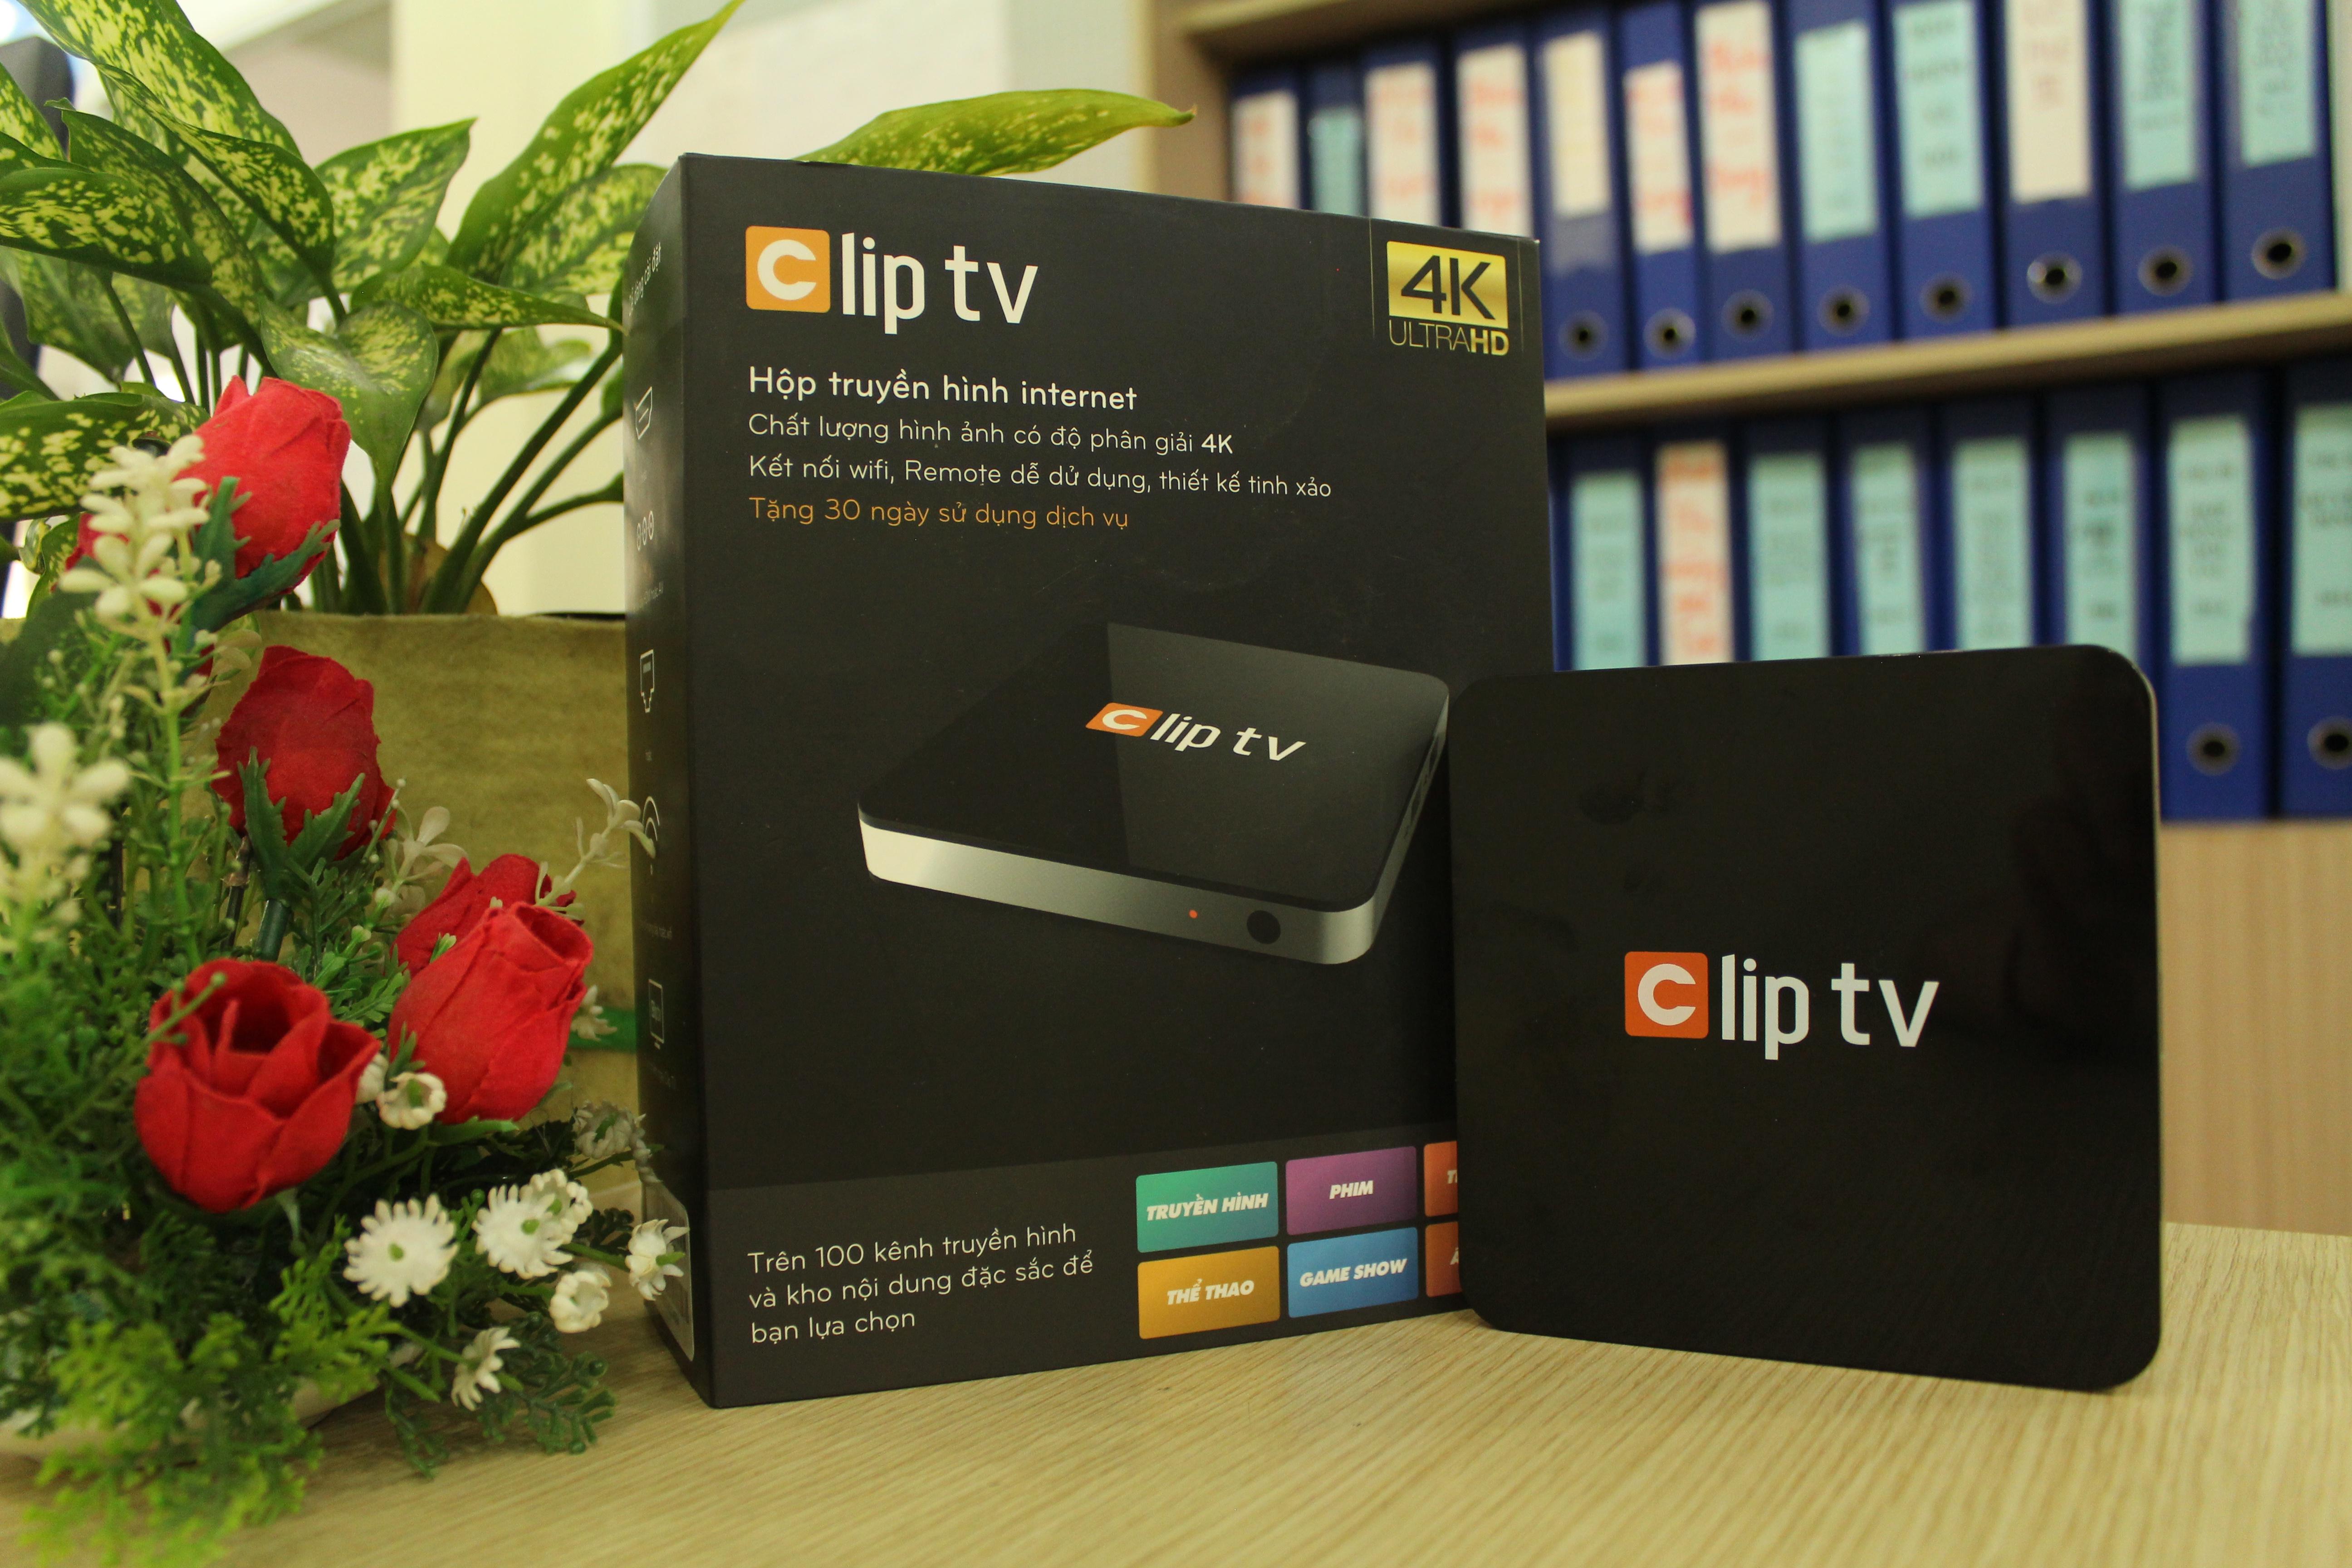 Hộp truyền hình internet Clip TV Box+ Tặng chuột bay KM800 1